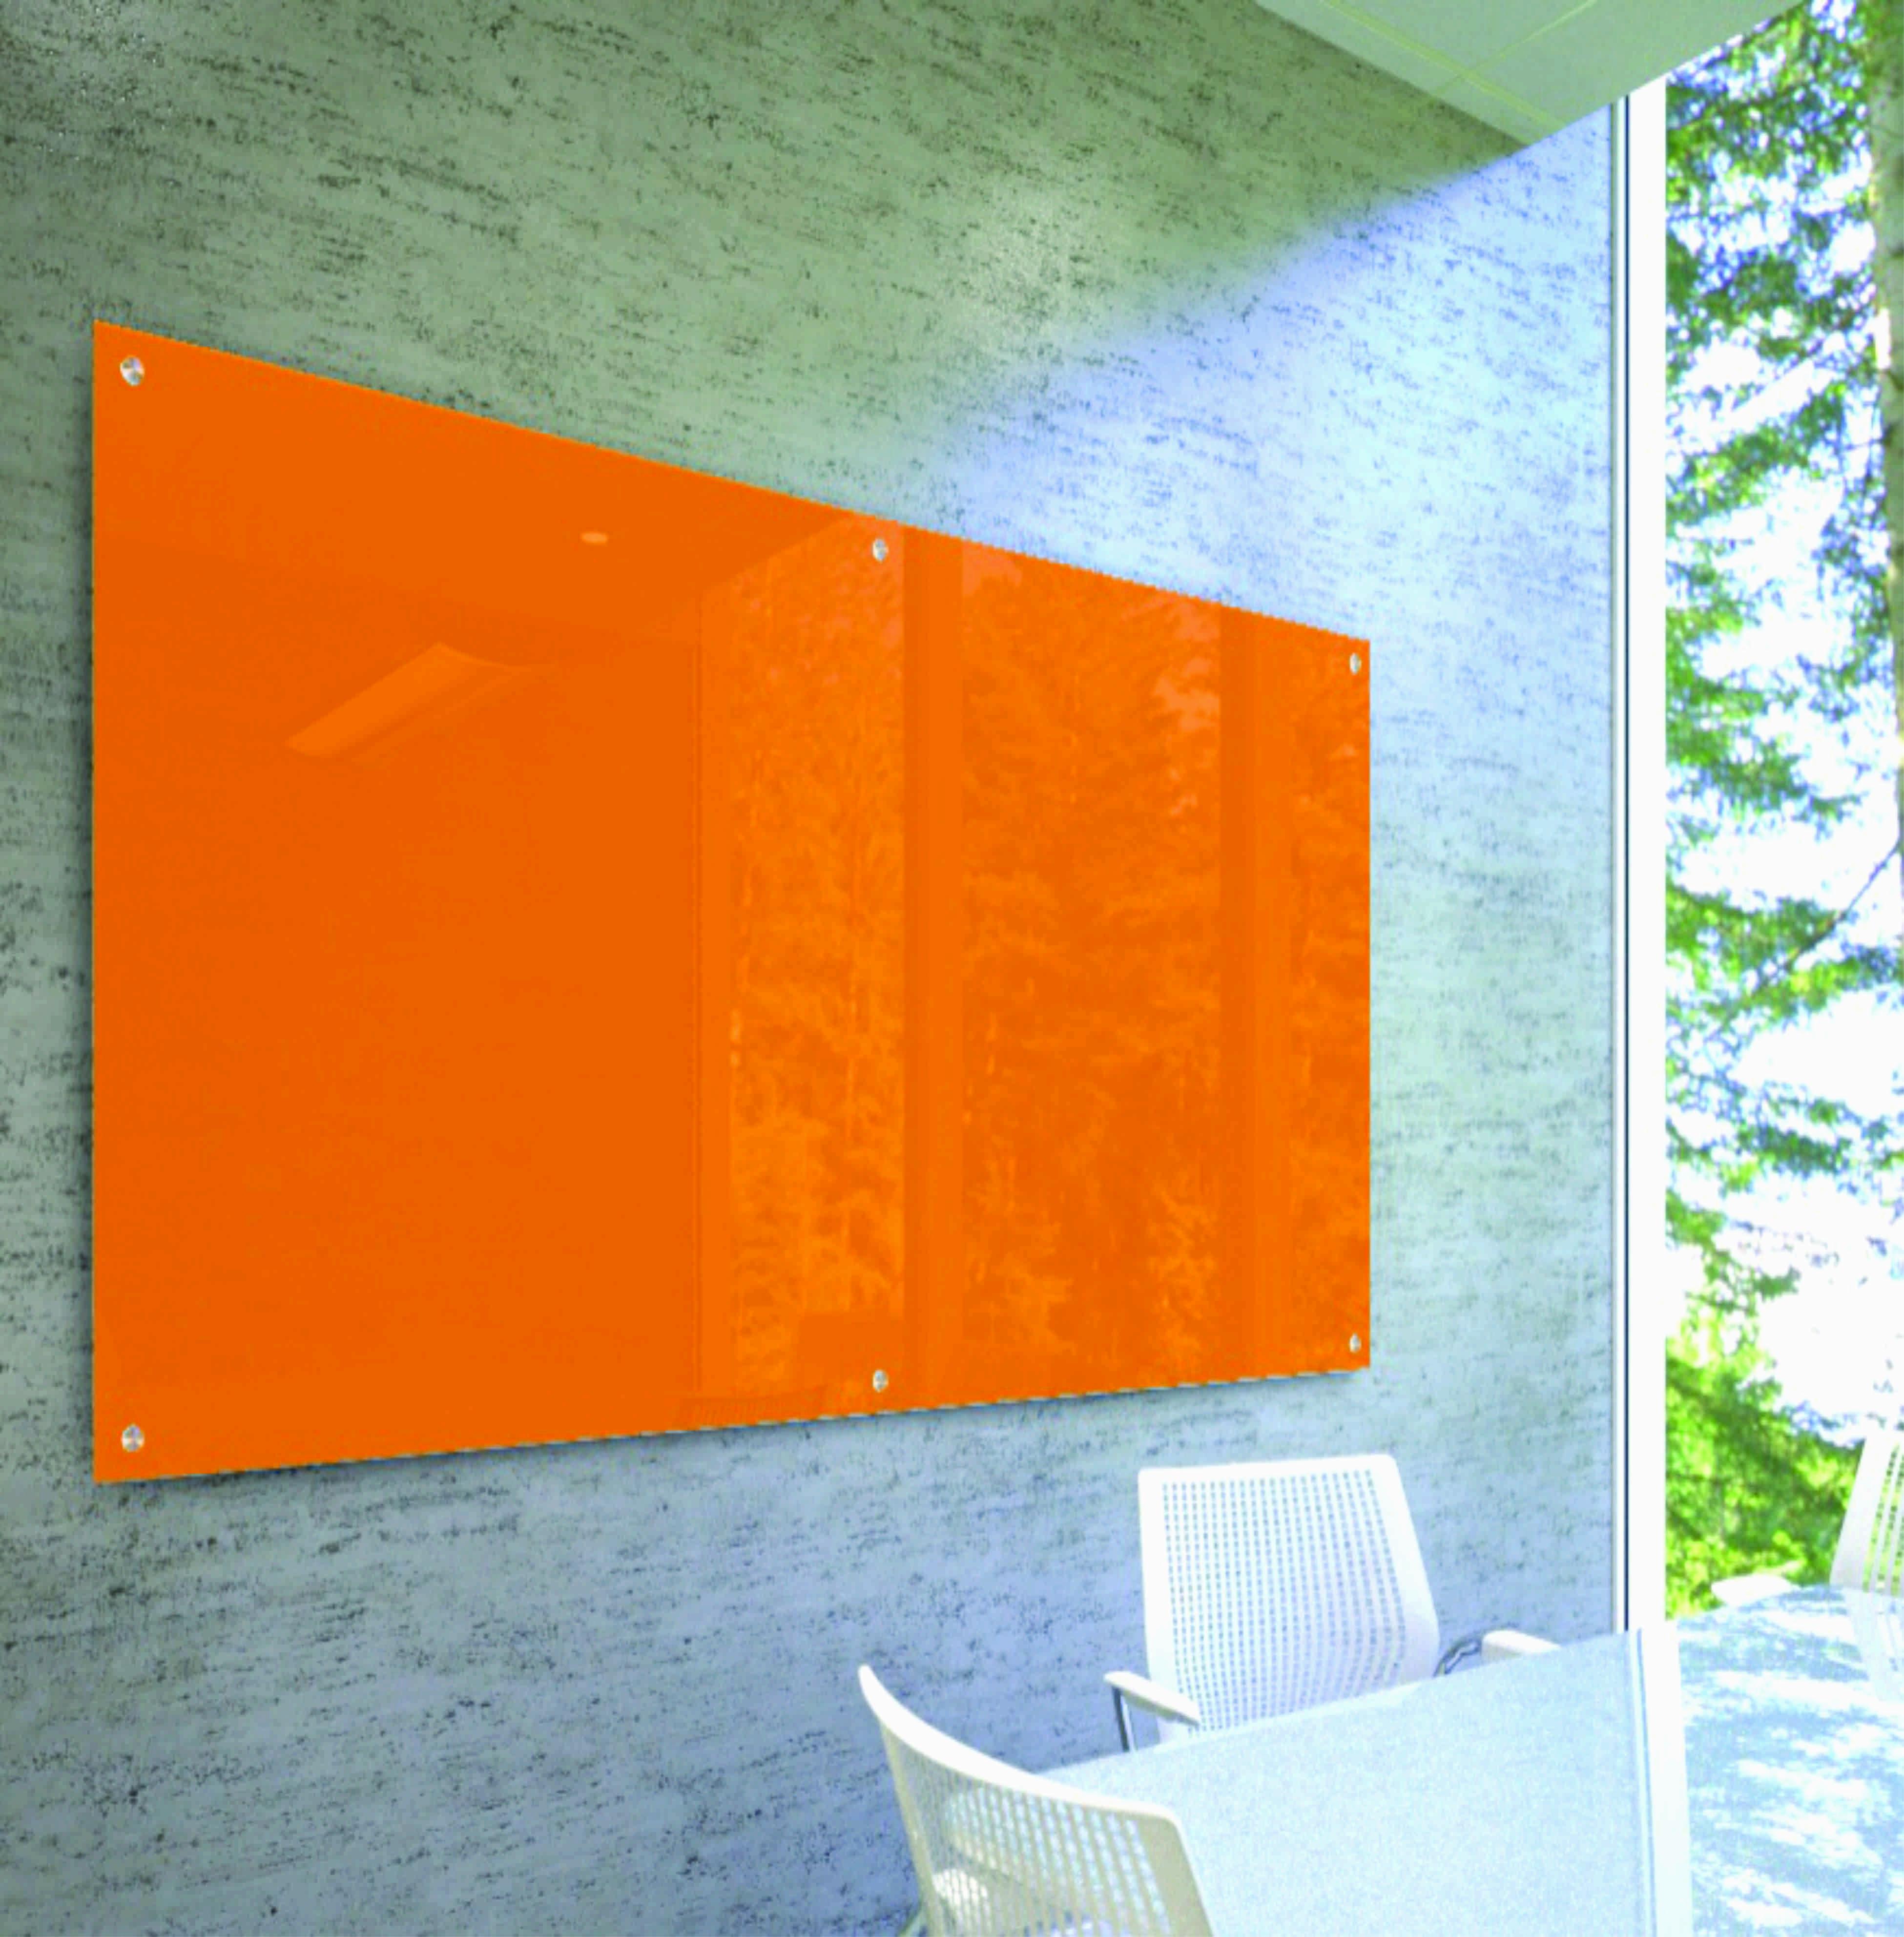 papan tulis kaca glassboard